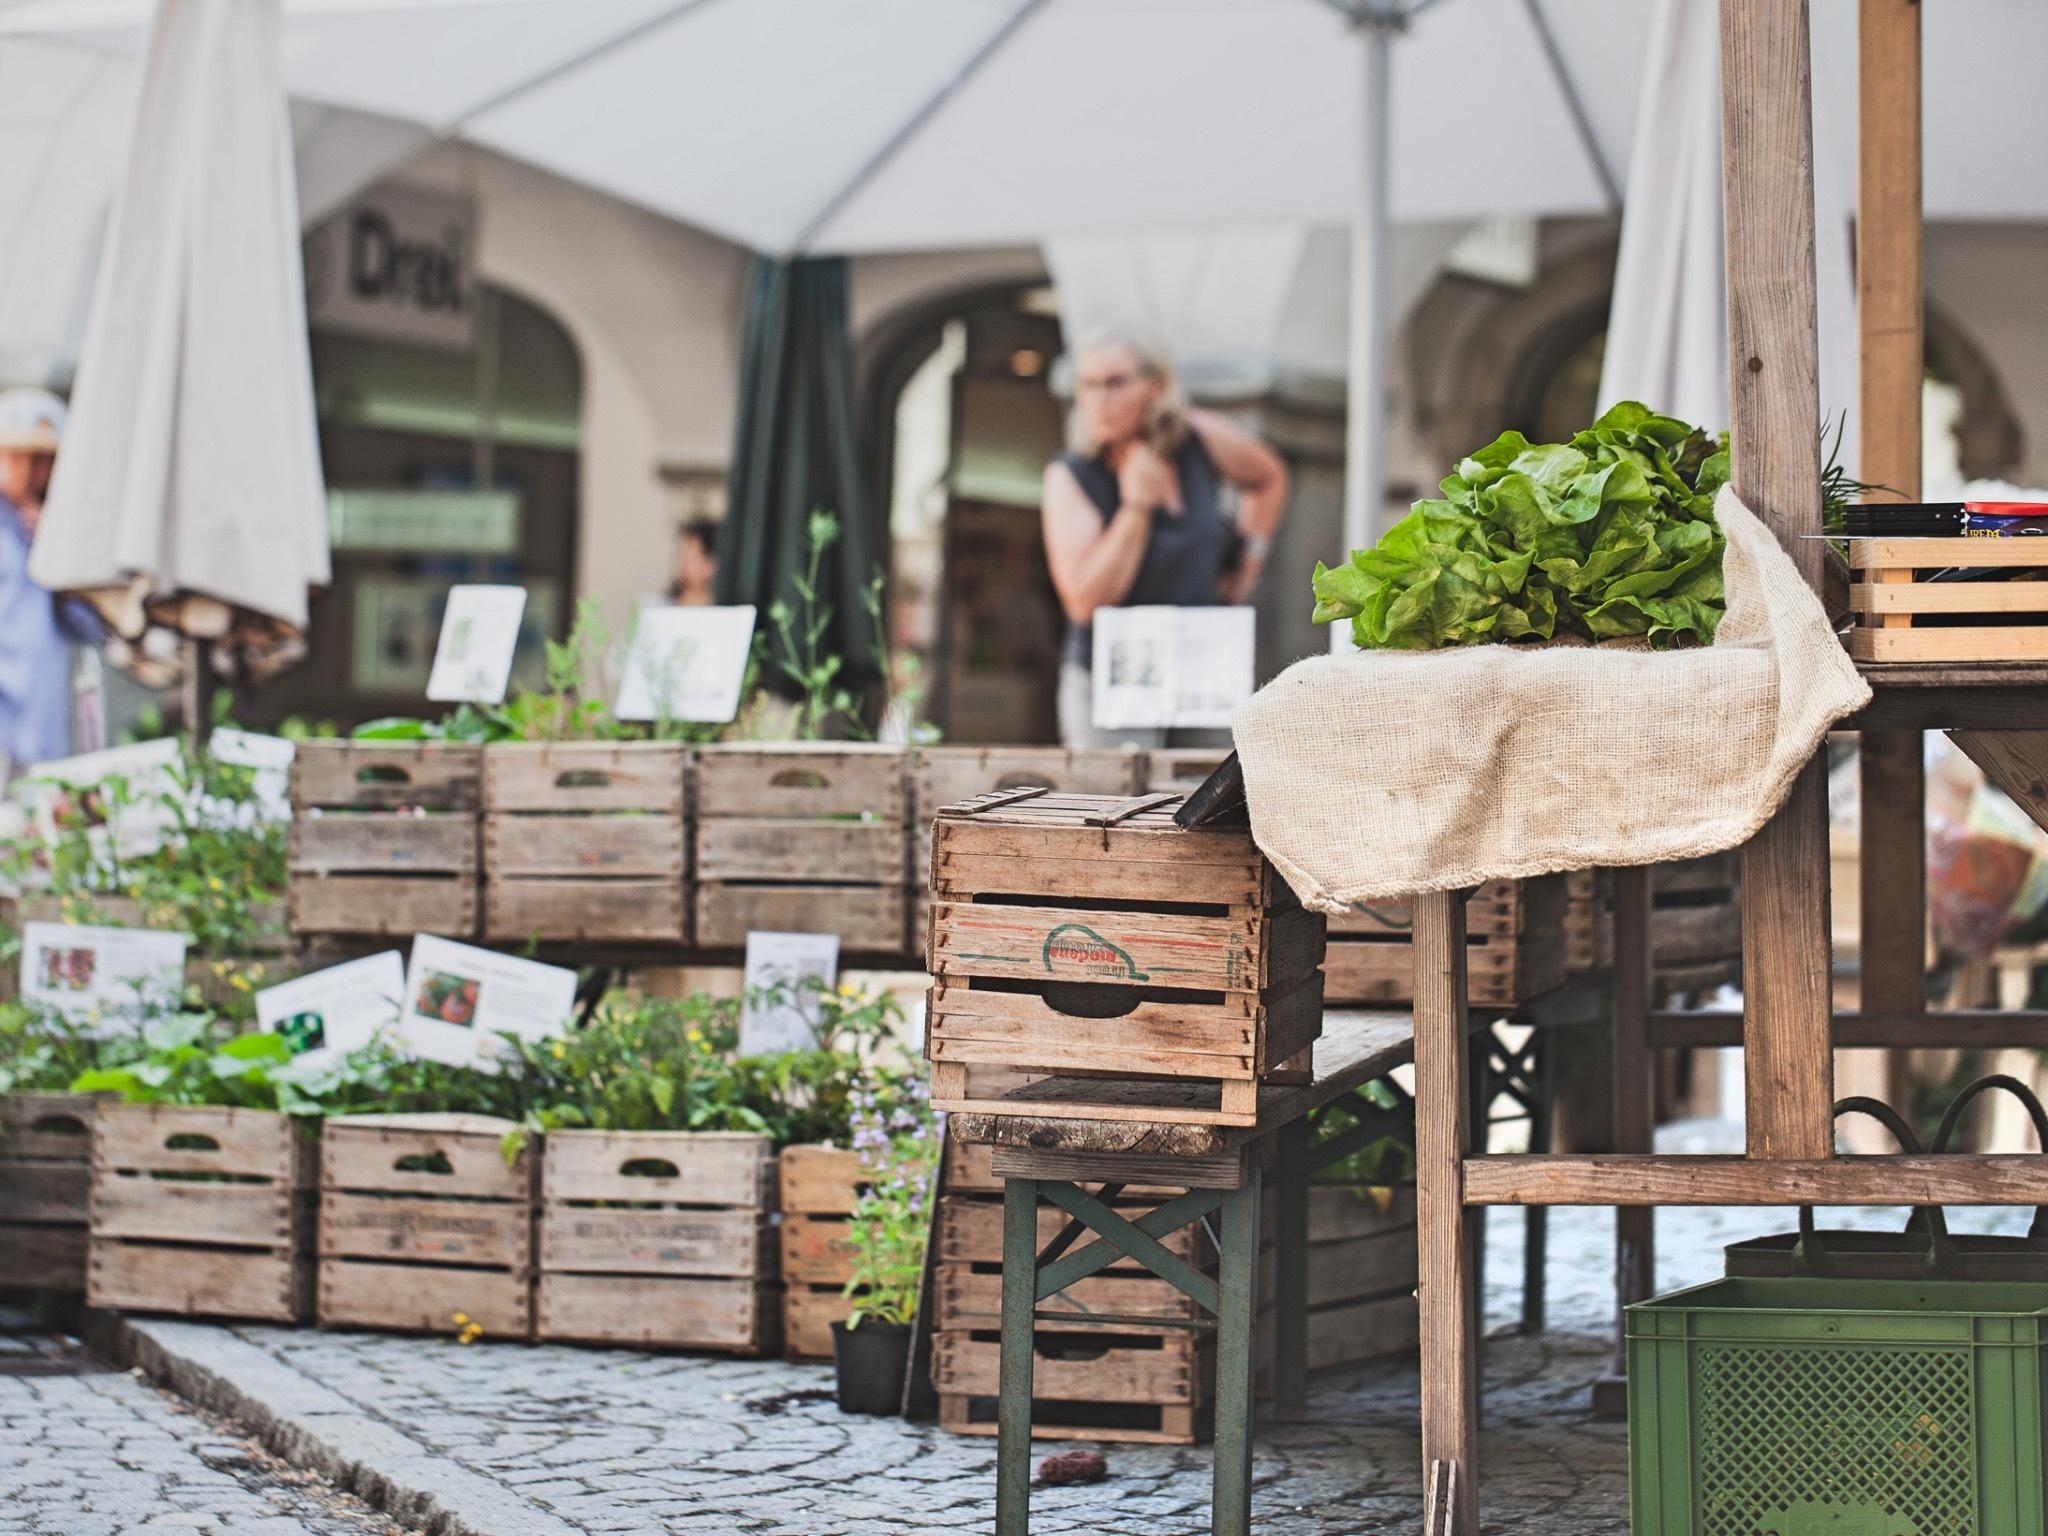 Der Wochenmarkt in Feldkirch. Foto: Magdalena Tuertscher - Stadtkultur und Kommunikation Feldkirch GmbH